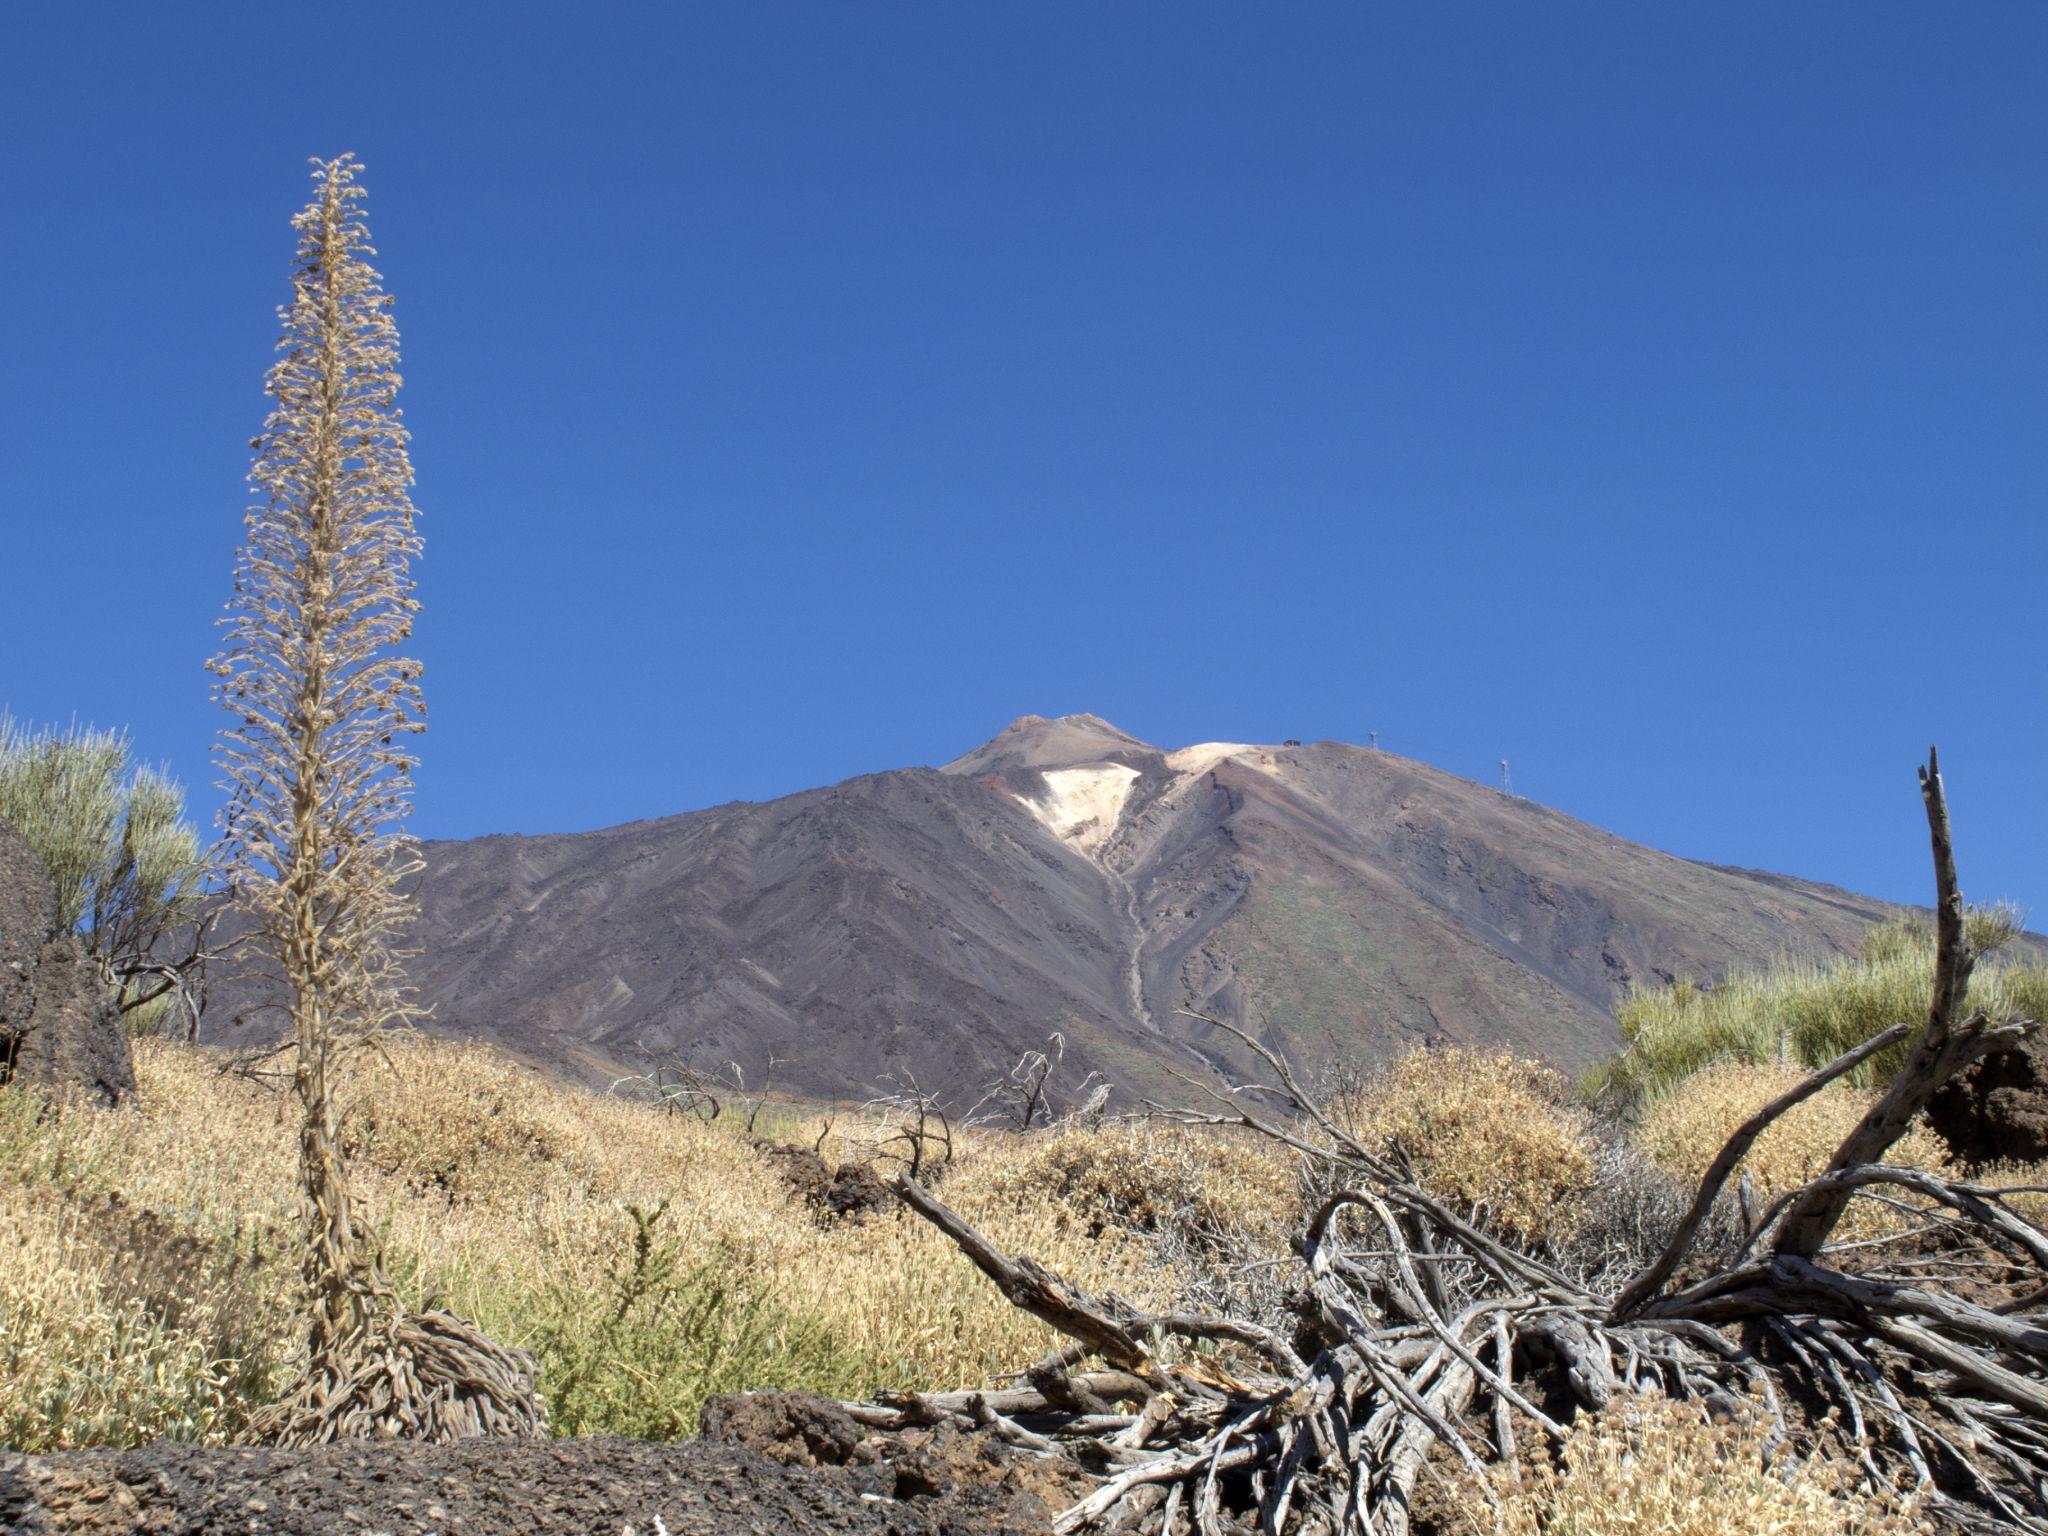 Mirador Llano de Ucanca (Teide view), Spain